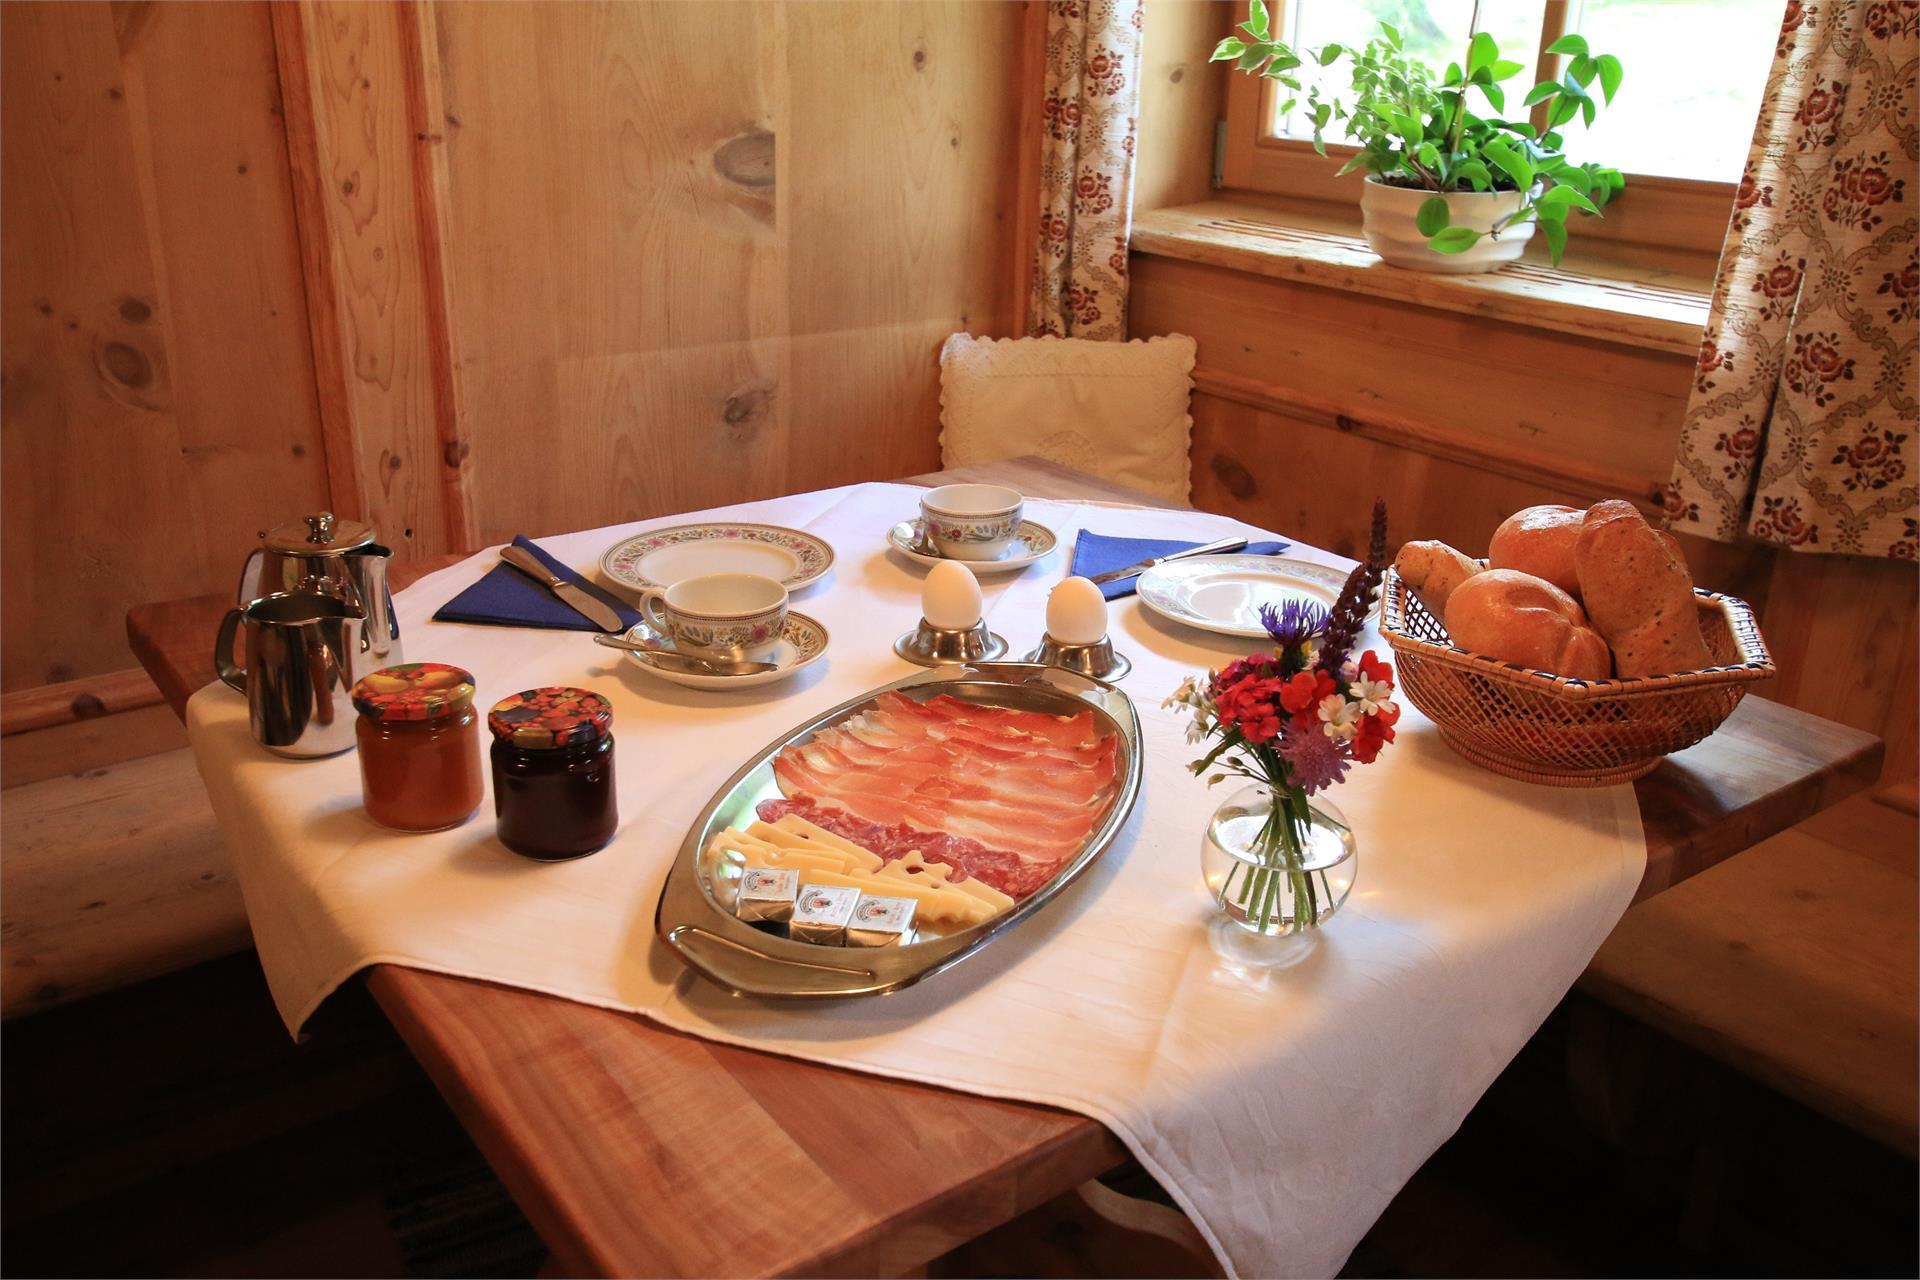 Frühstück mit hausgemachter Marmelade und Eiern von unseren glücklichen Hühnern